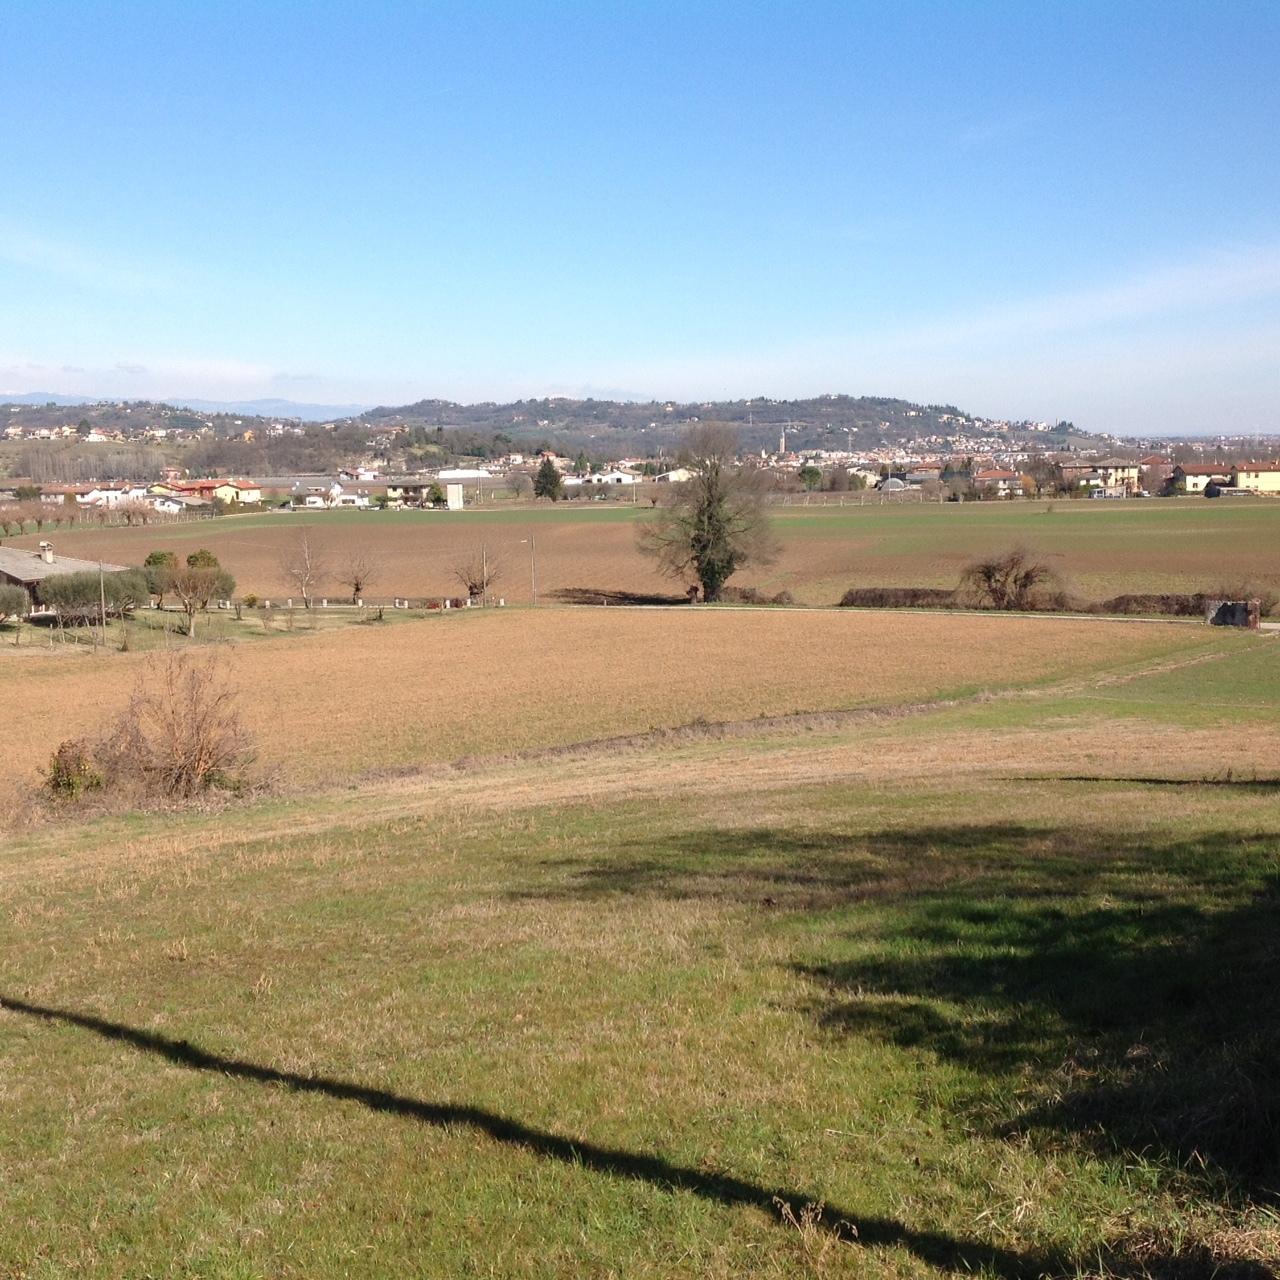 Terreno Agricolo in vendita a Montecchio Maggiore, 1 locali, Trattative riservate | CambioCasa.it